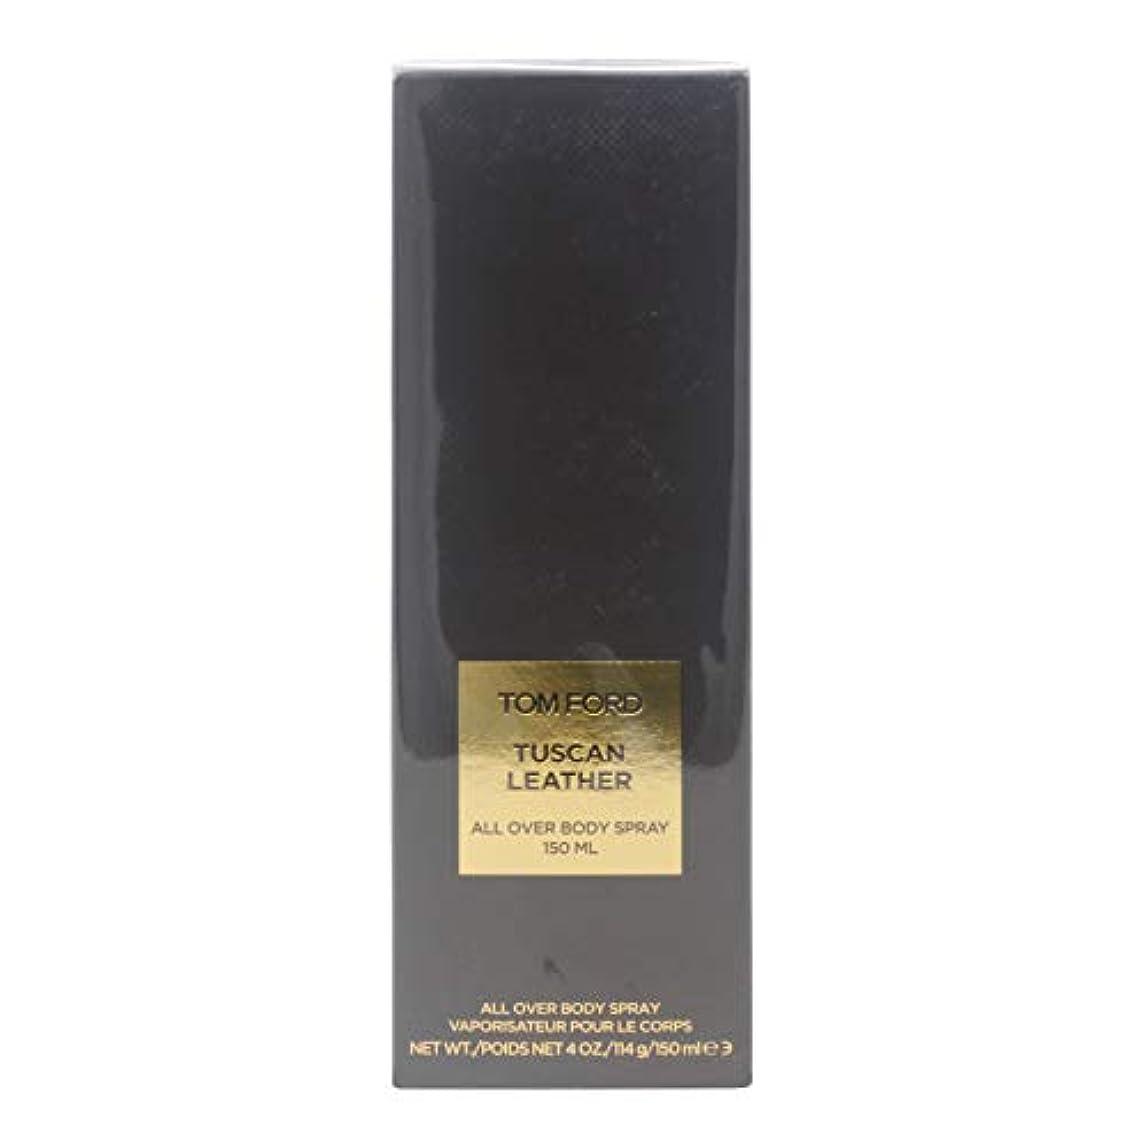 制裁制裁小売Tom Ford Private Blend 'Tuscan Leather' (トムフォード プライベートブレンド トスカンレザー) 5.0 oz (150ml) All Over Body Spray